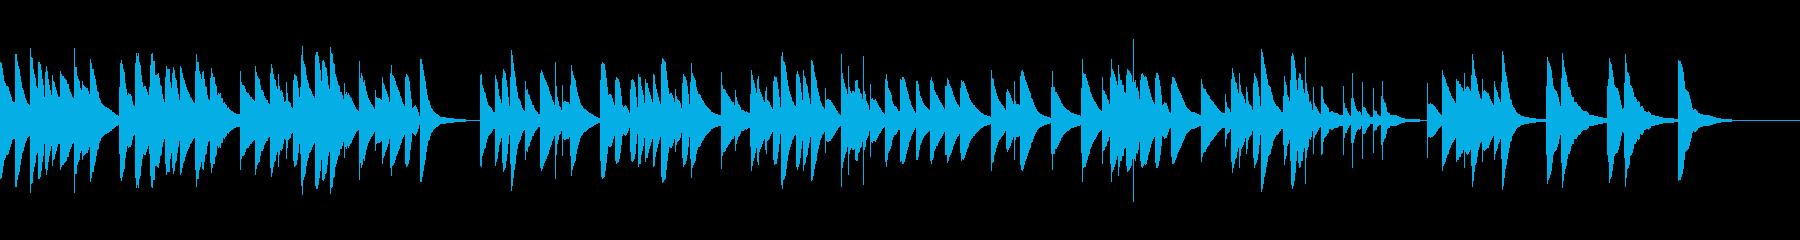 ちょっぴり切ない長調オルゴール曲の再生済みの波形